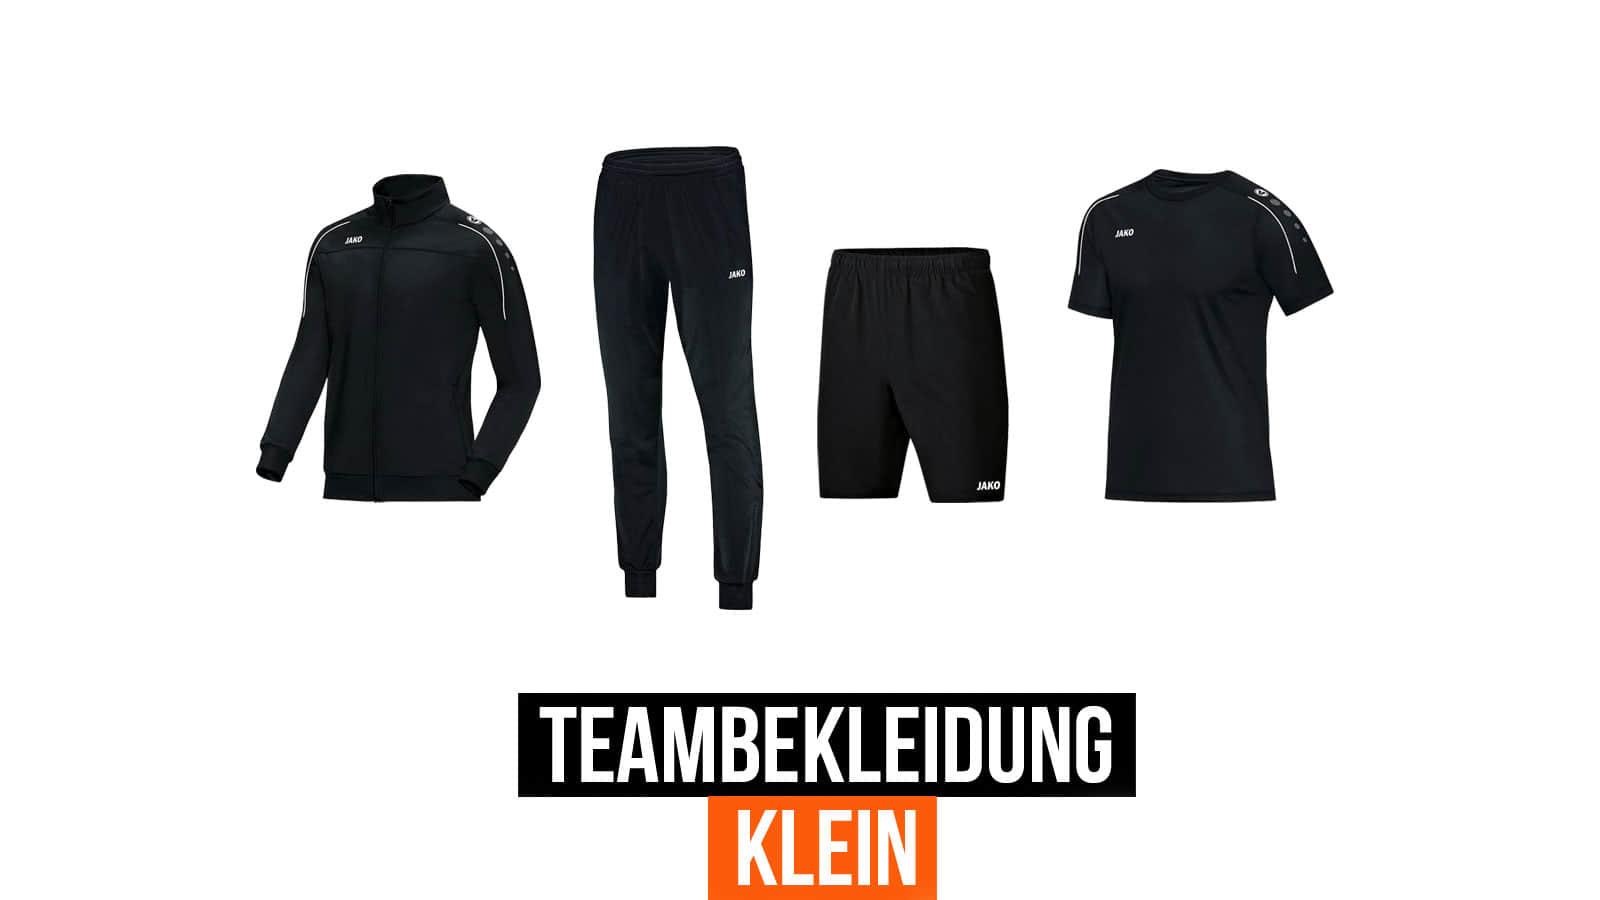 Die kleine Teambekleidung zum besonders günstigen Preis mit nur einem Trainingsanzug